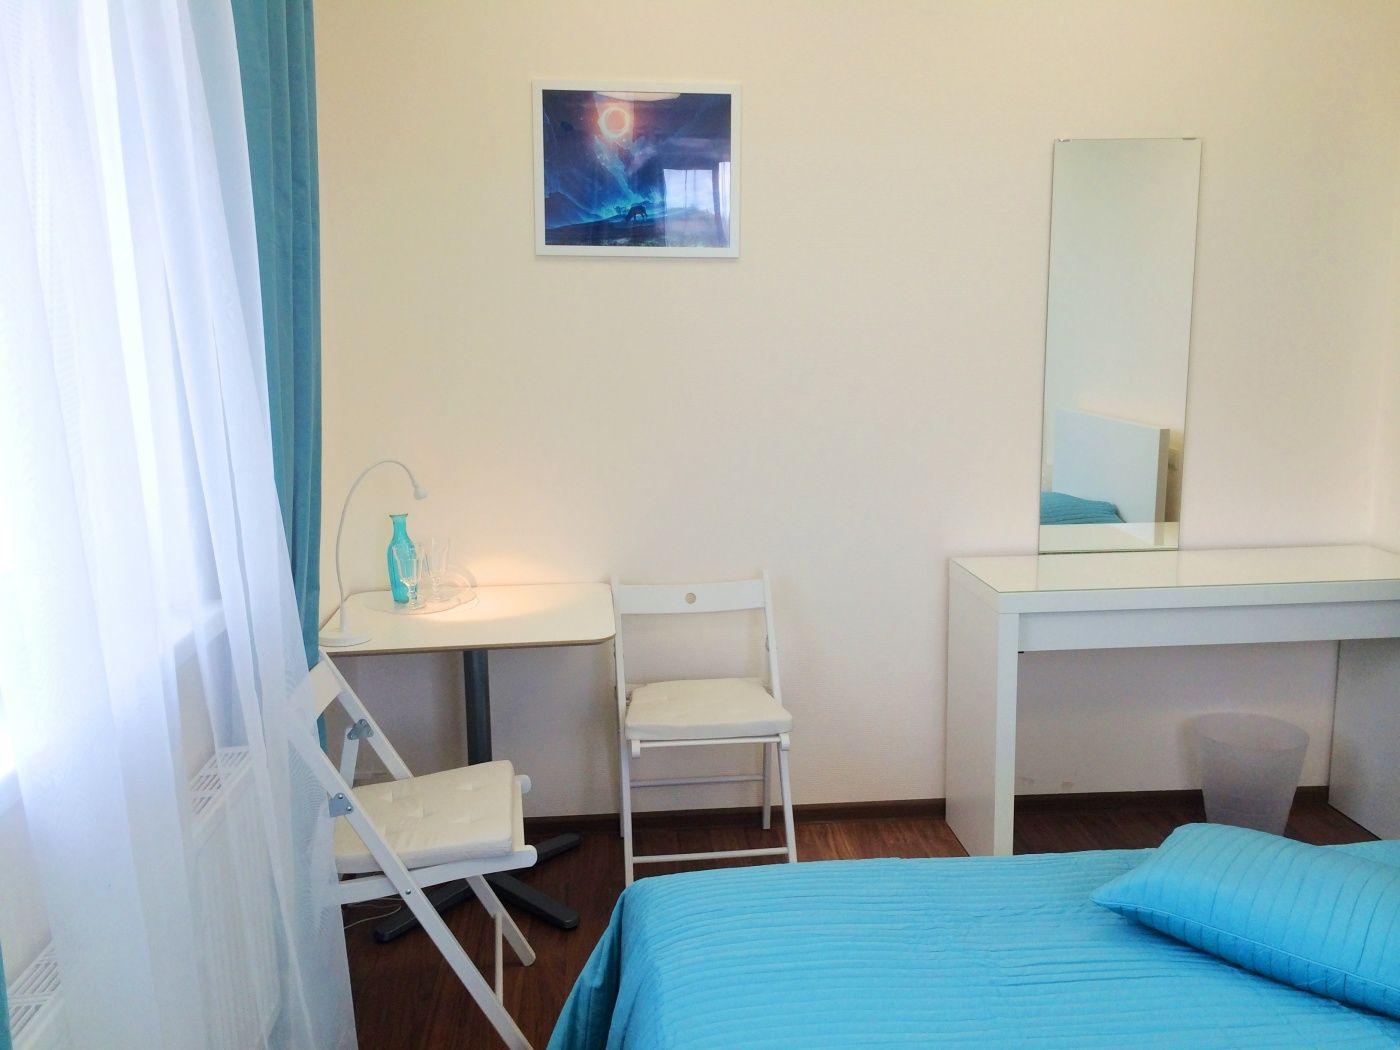 """База отдыха """"Спорт"""" Пермский край Номер с двумя раздельными кроватями в SPA Отеле, фото 5"""